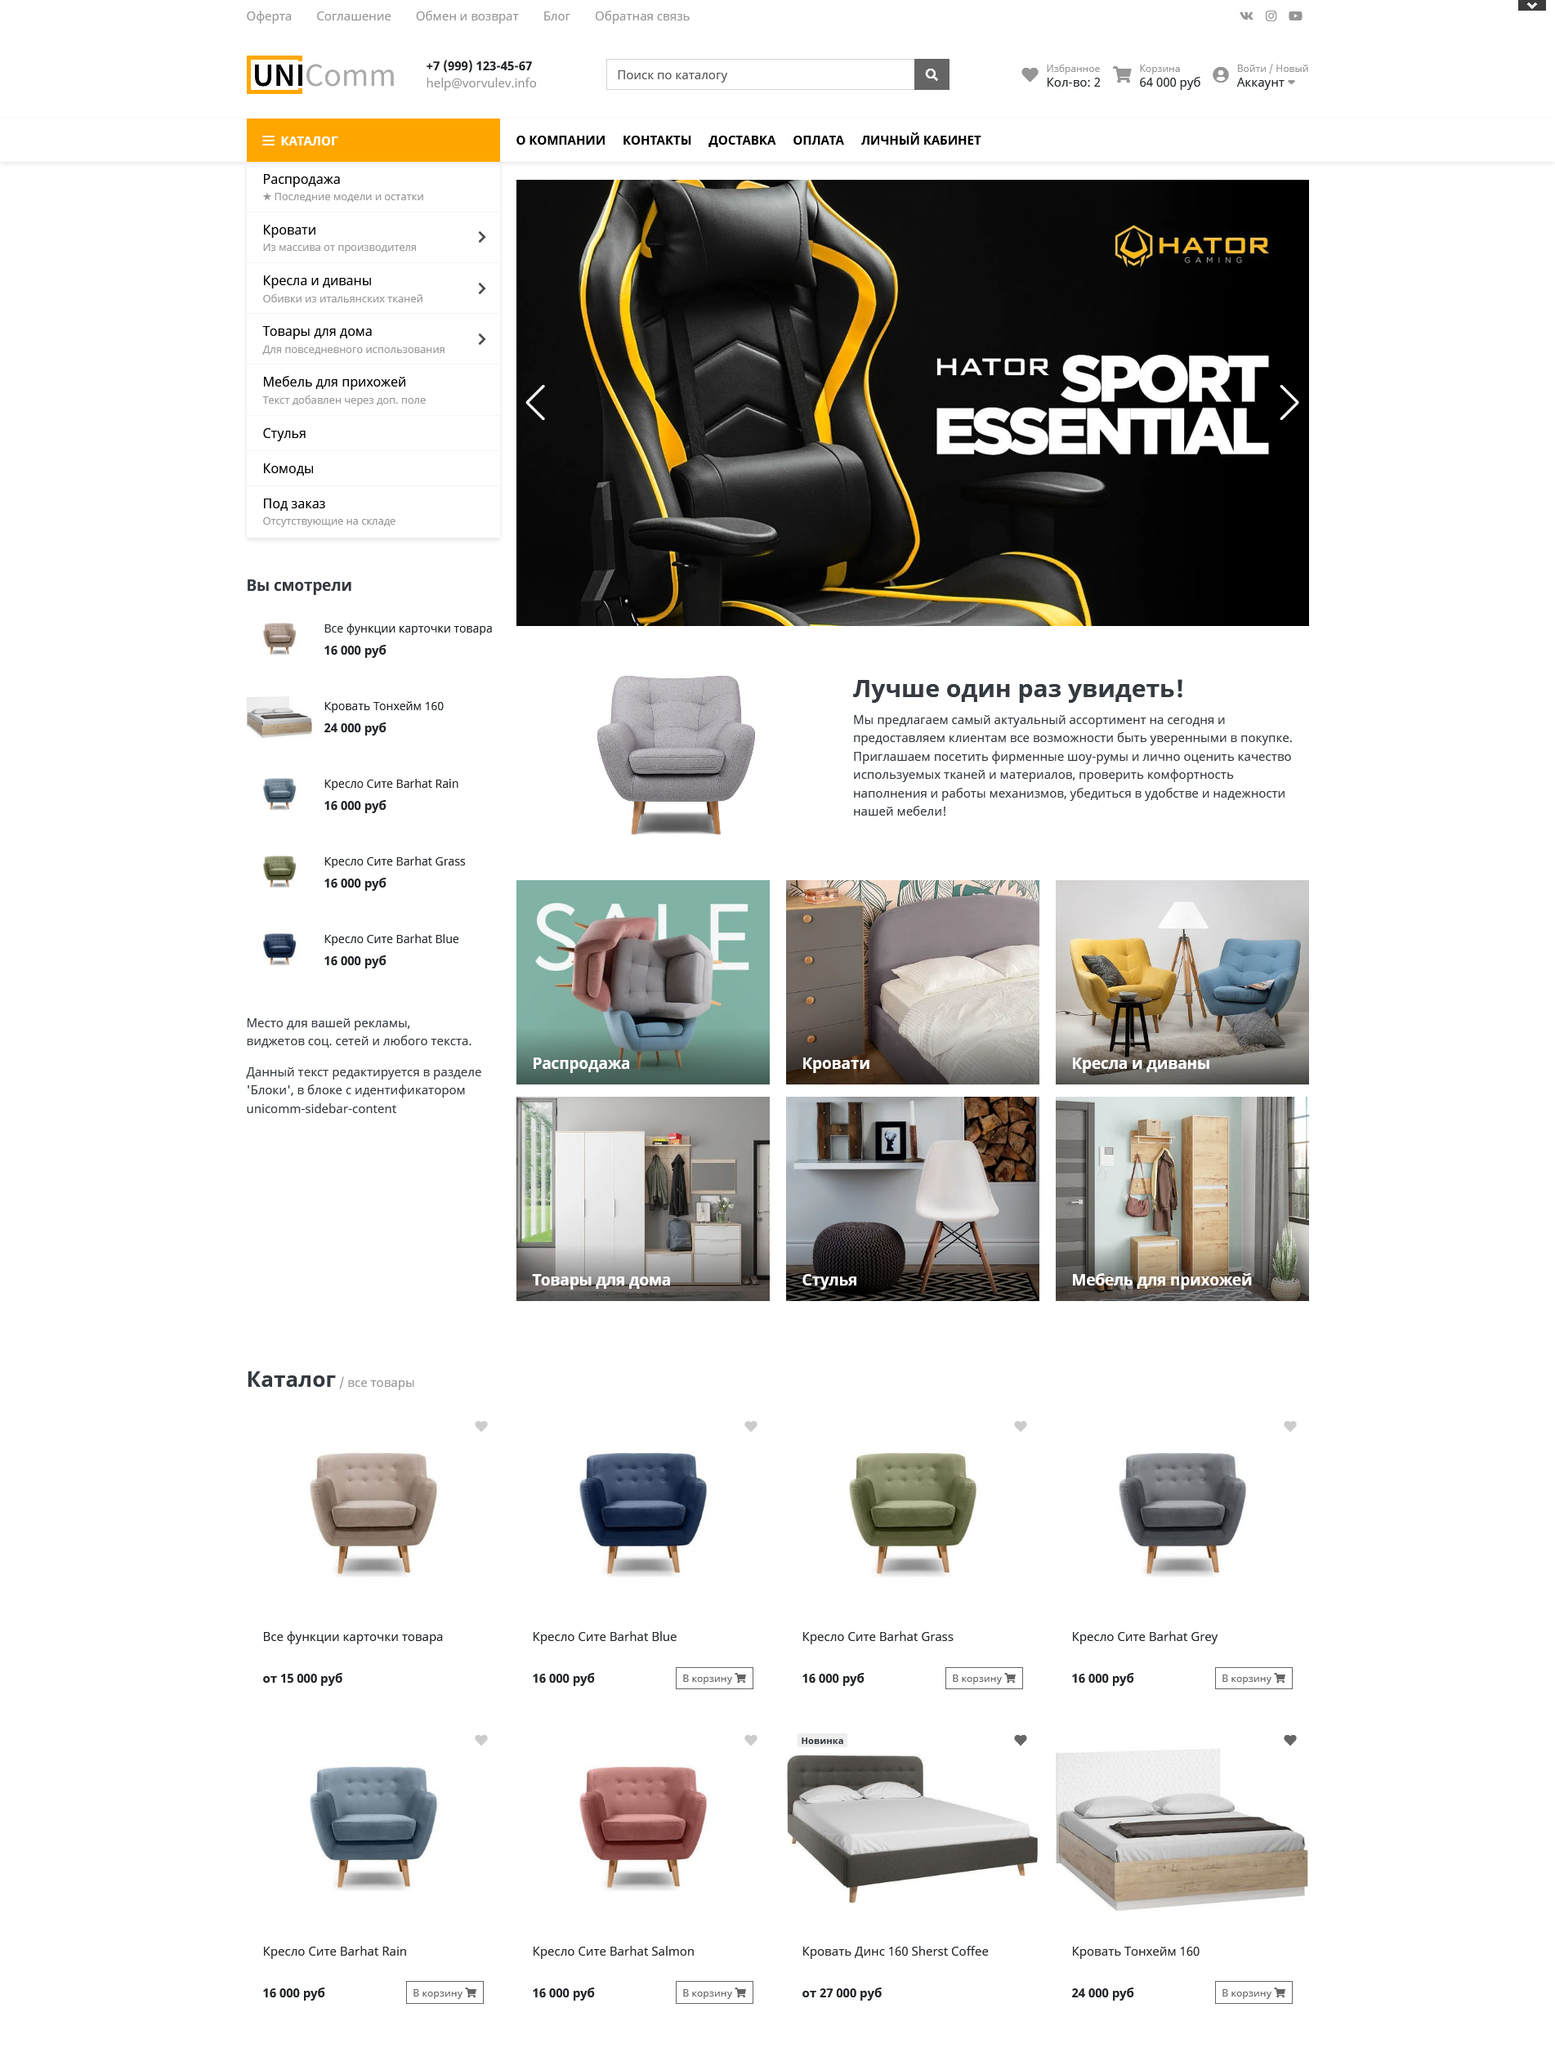 Шаблон интернет магазина - UNIComm